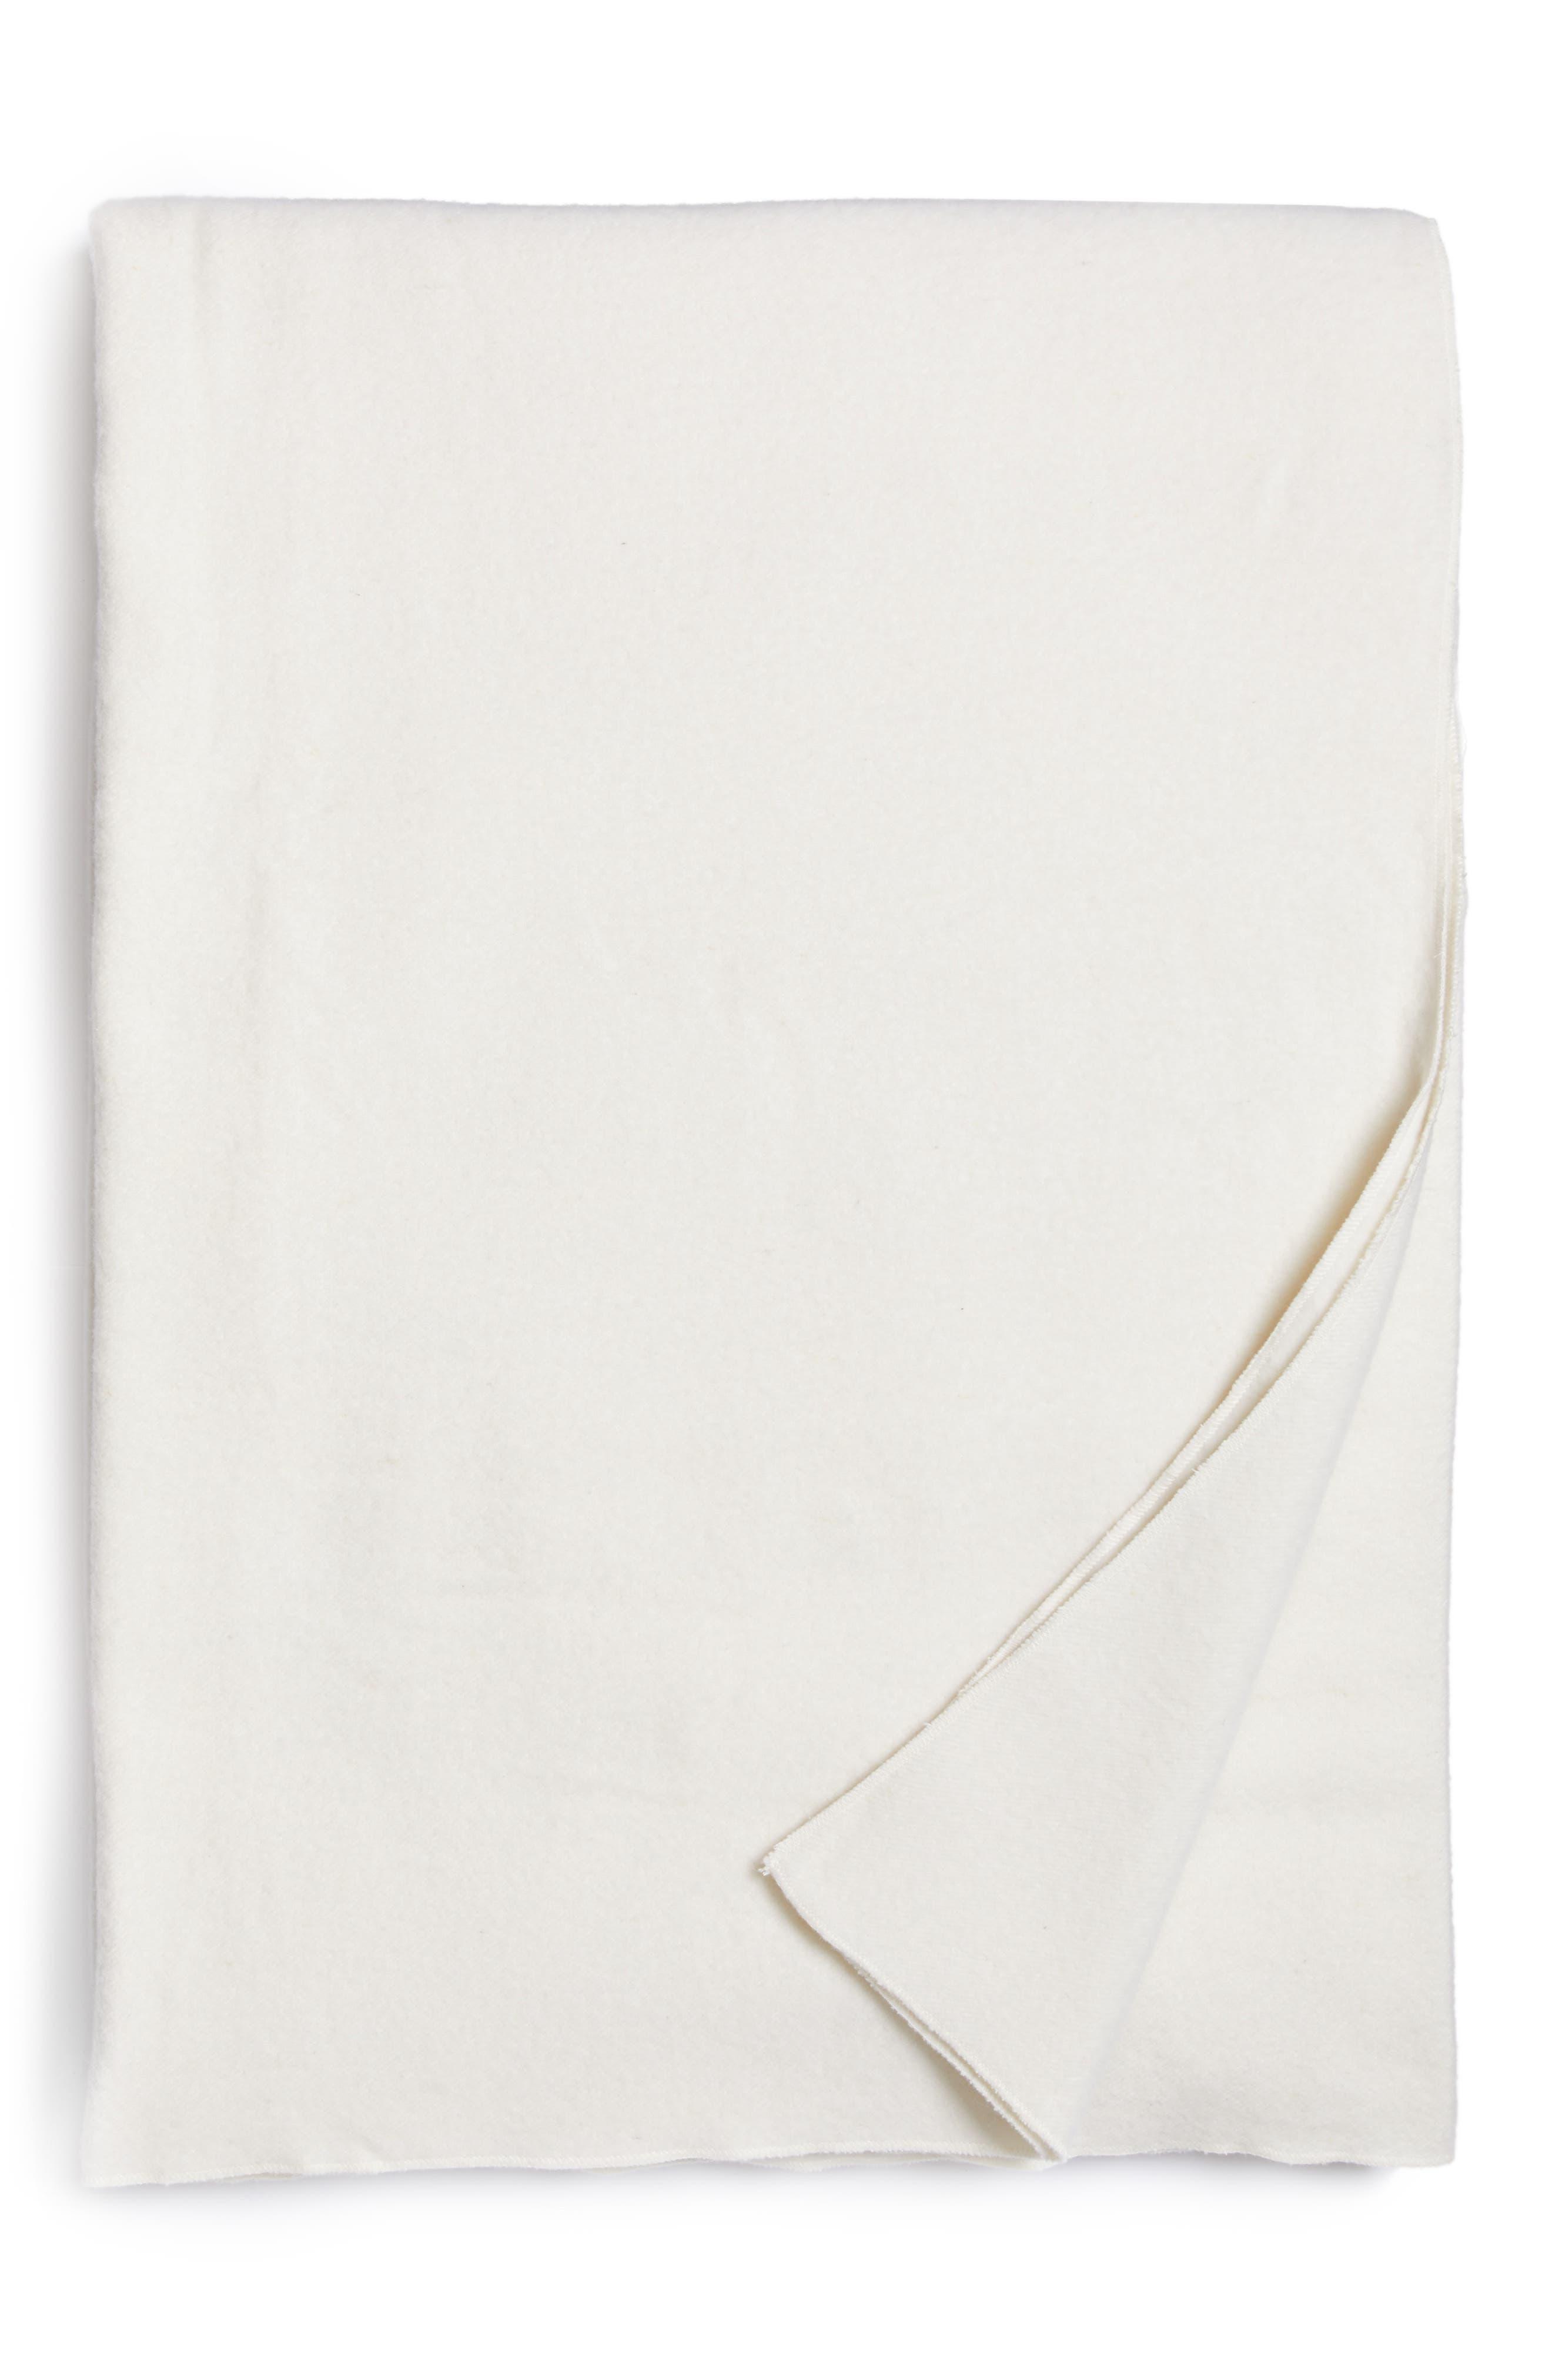 Main Image - Calvin Klein Home Series 1 Wool Blanket